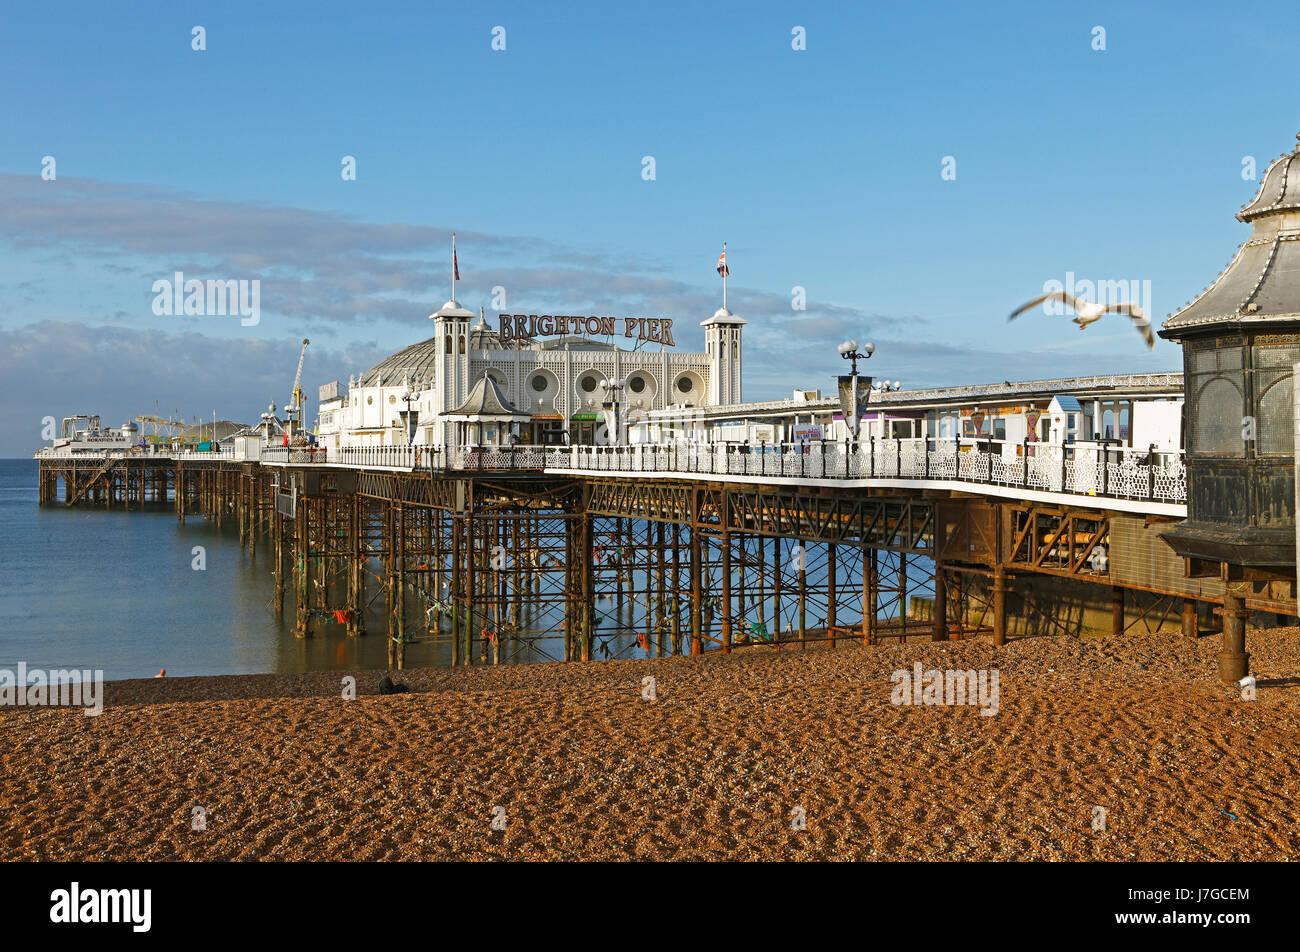 Palace Pier de Brighton, Brighton, East Sussex, Inglaterra, Reino Unido Foto de stock